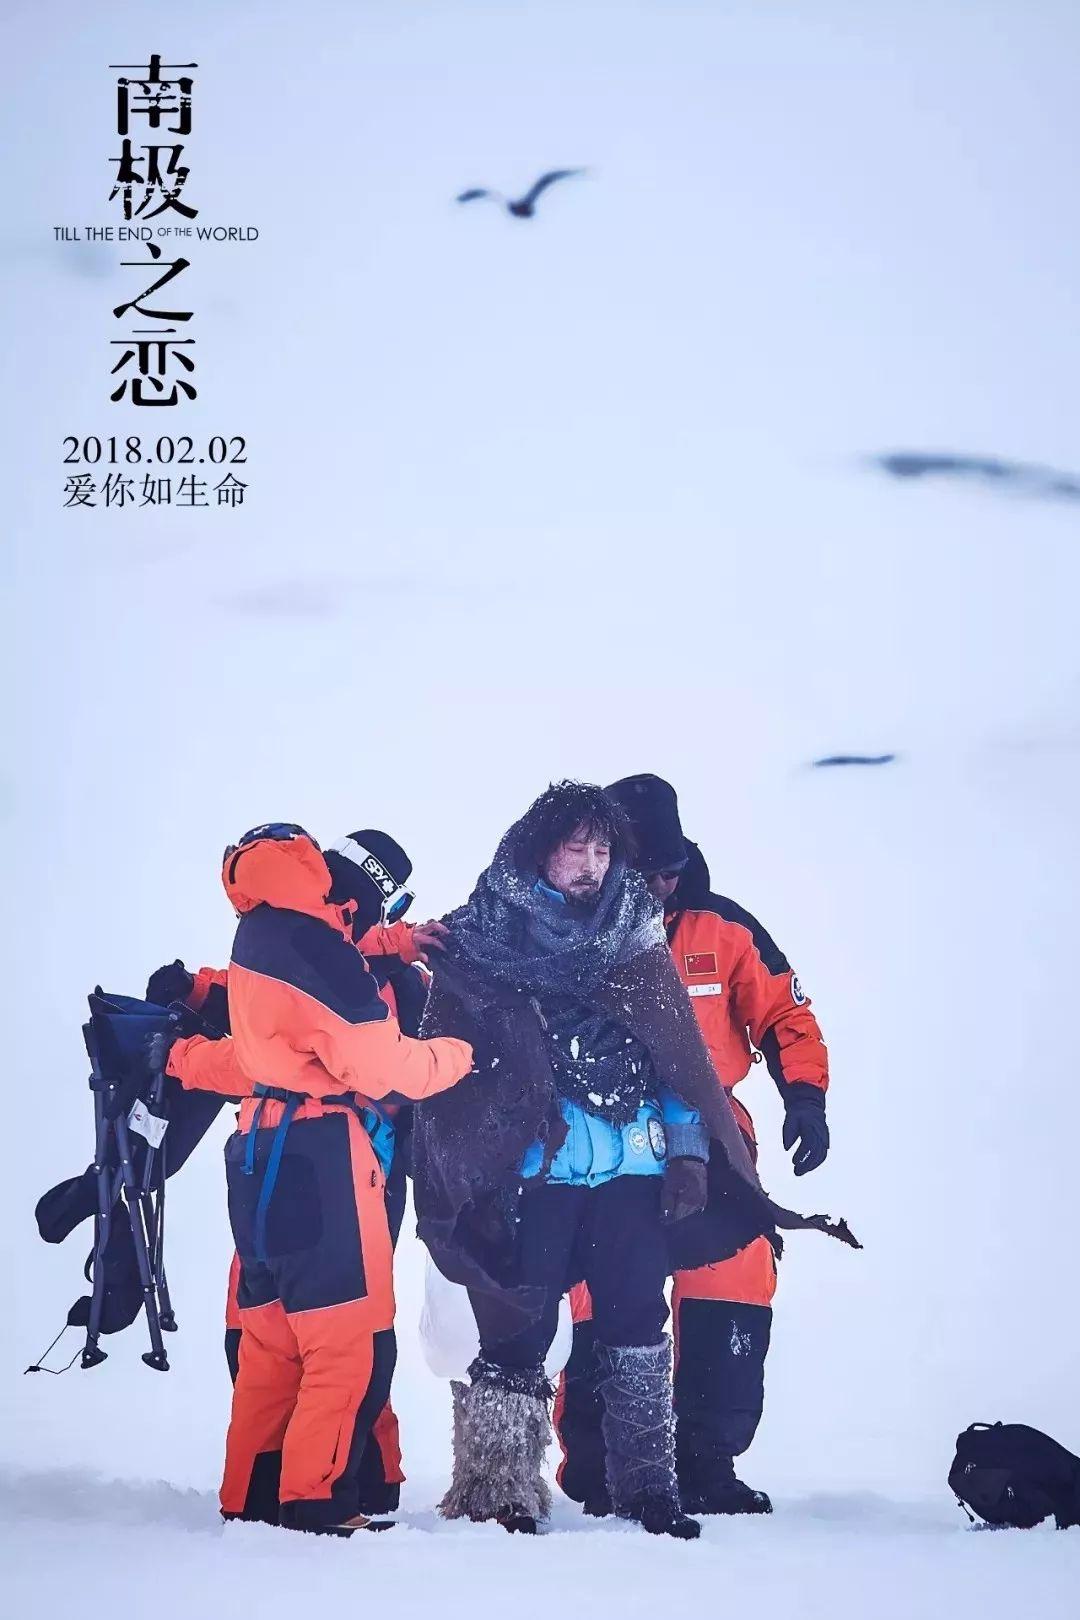 赵又廷险些失明 只为完成第一部在南极实景拍摄的中国电影